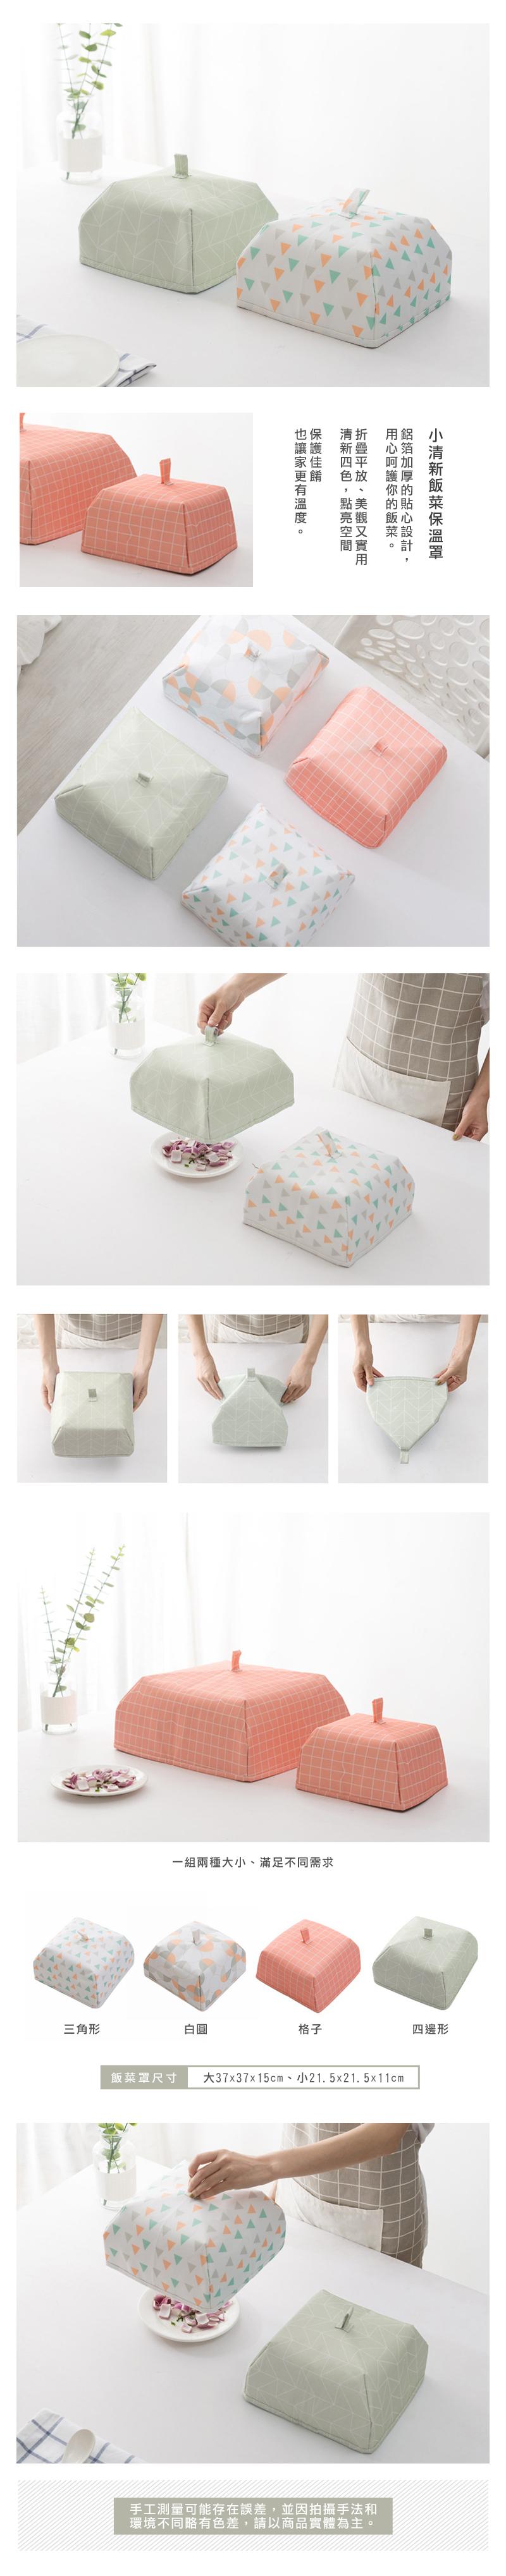 小清新飯菜防護罩